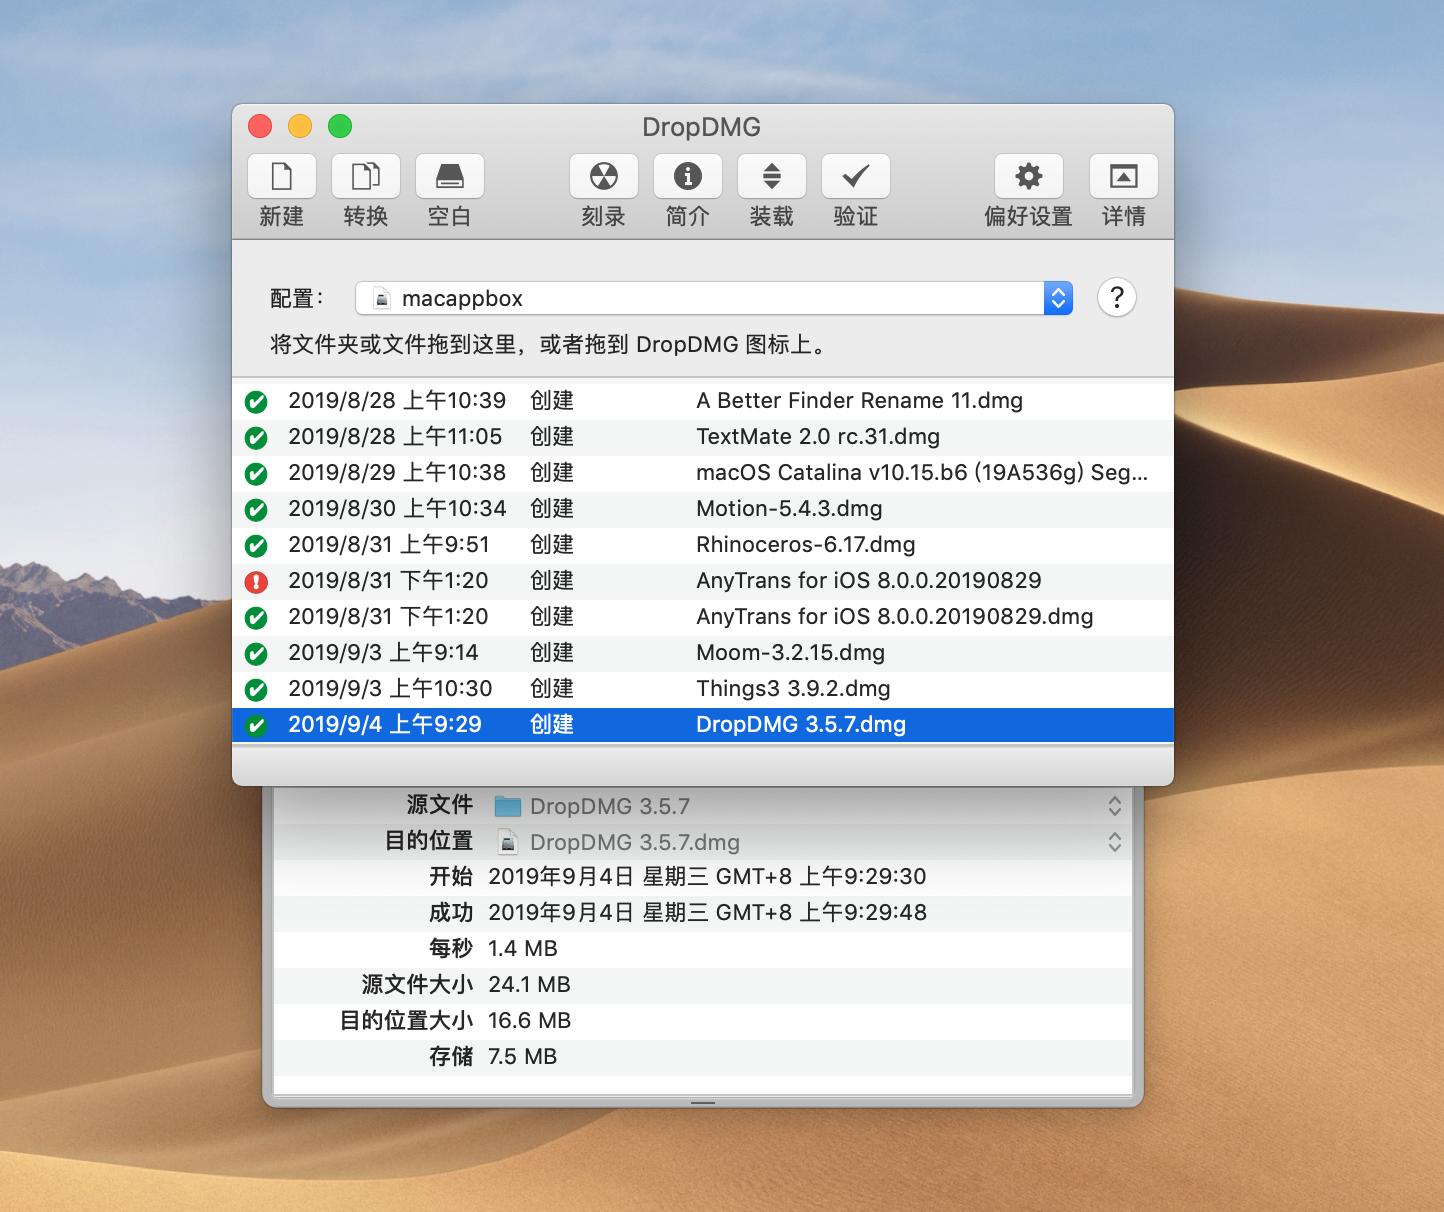 DropDMG 3.6.2中文版